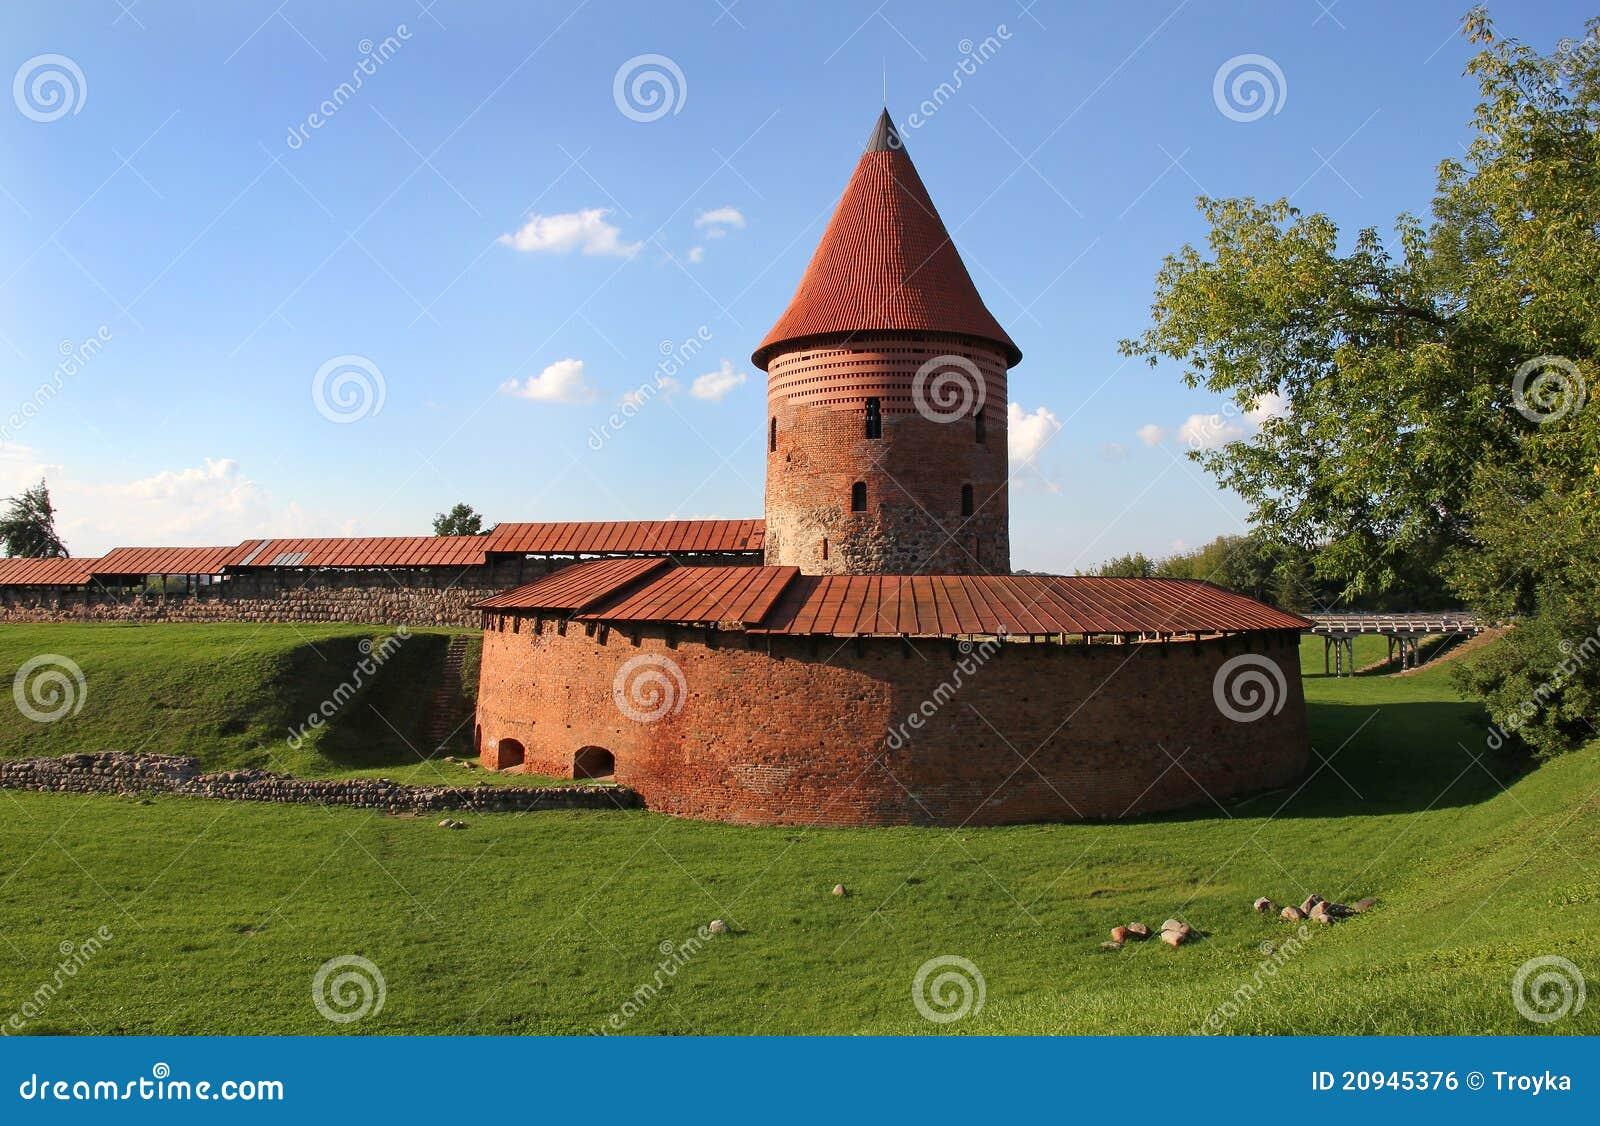 Altes Schloss in Kaunas, Litauen.